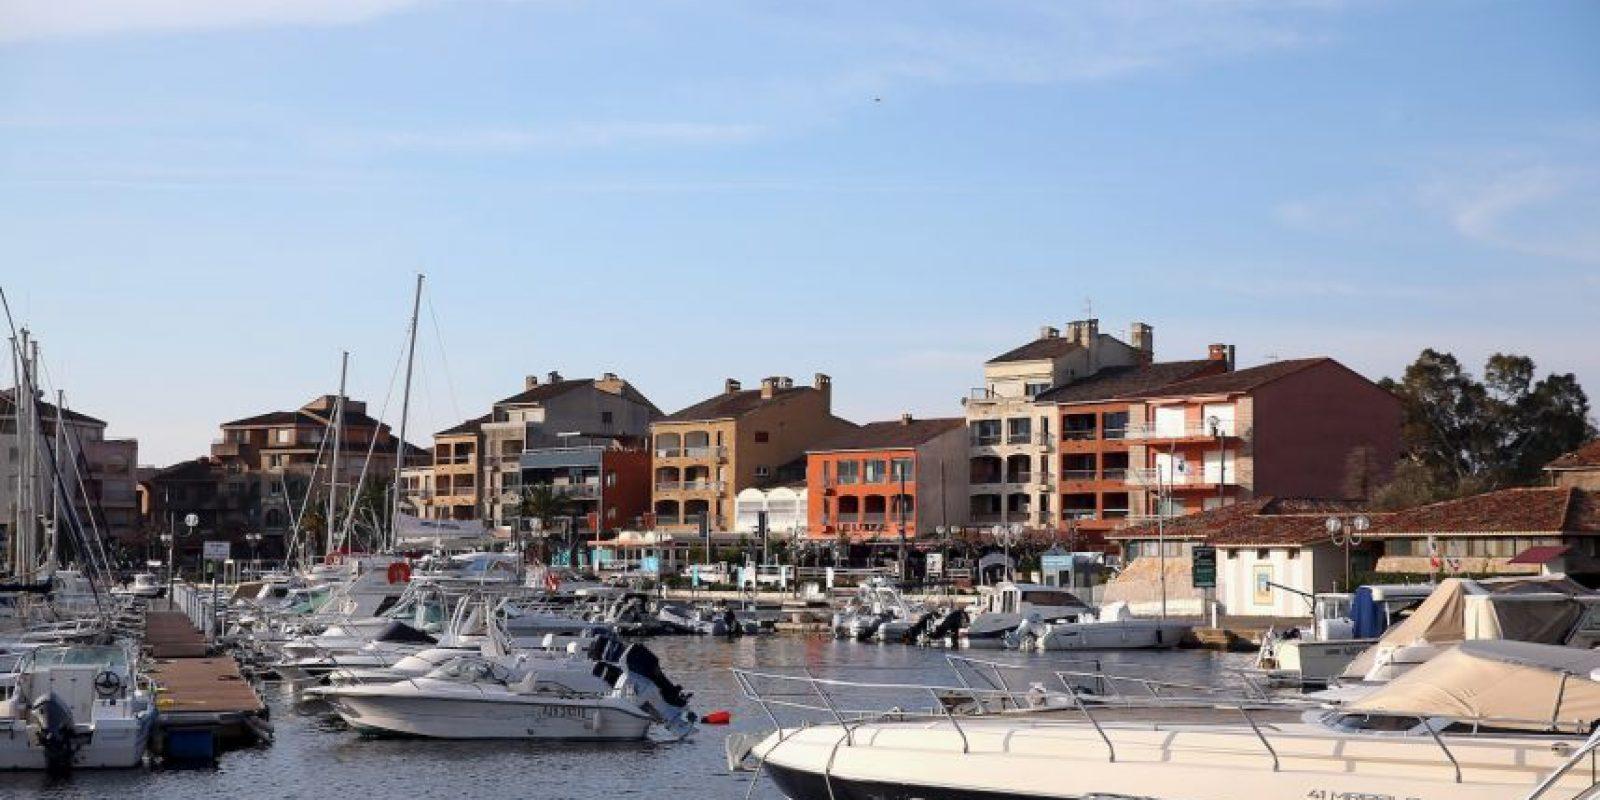 La isla de Córcega, en el Mar Mediterráneo, ha buscado su autonomía en los últimos años. Foto:Getty Images